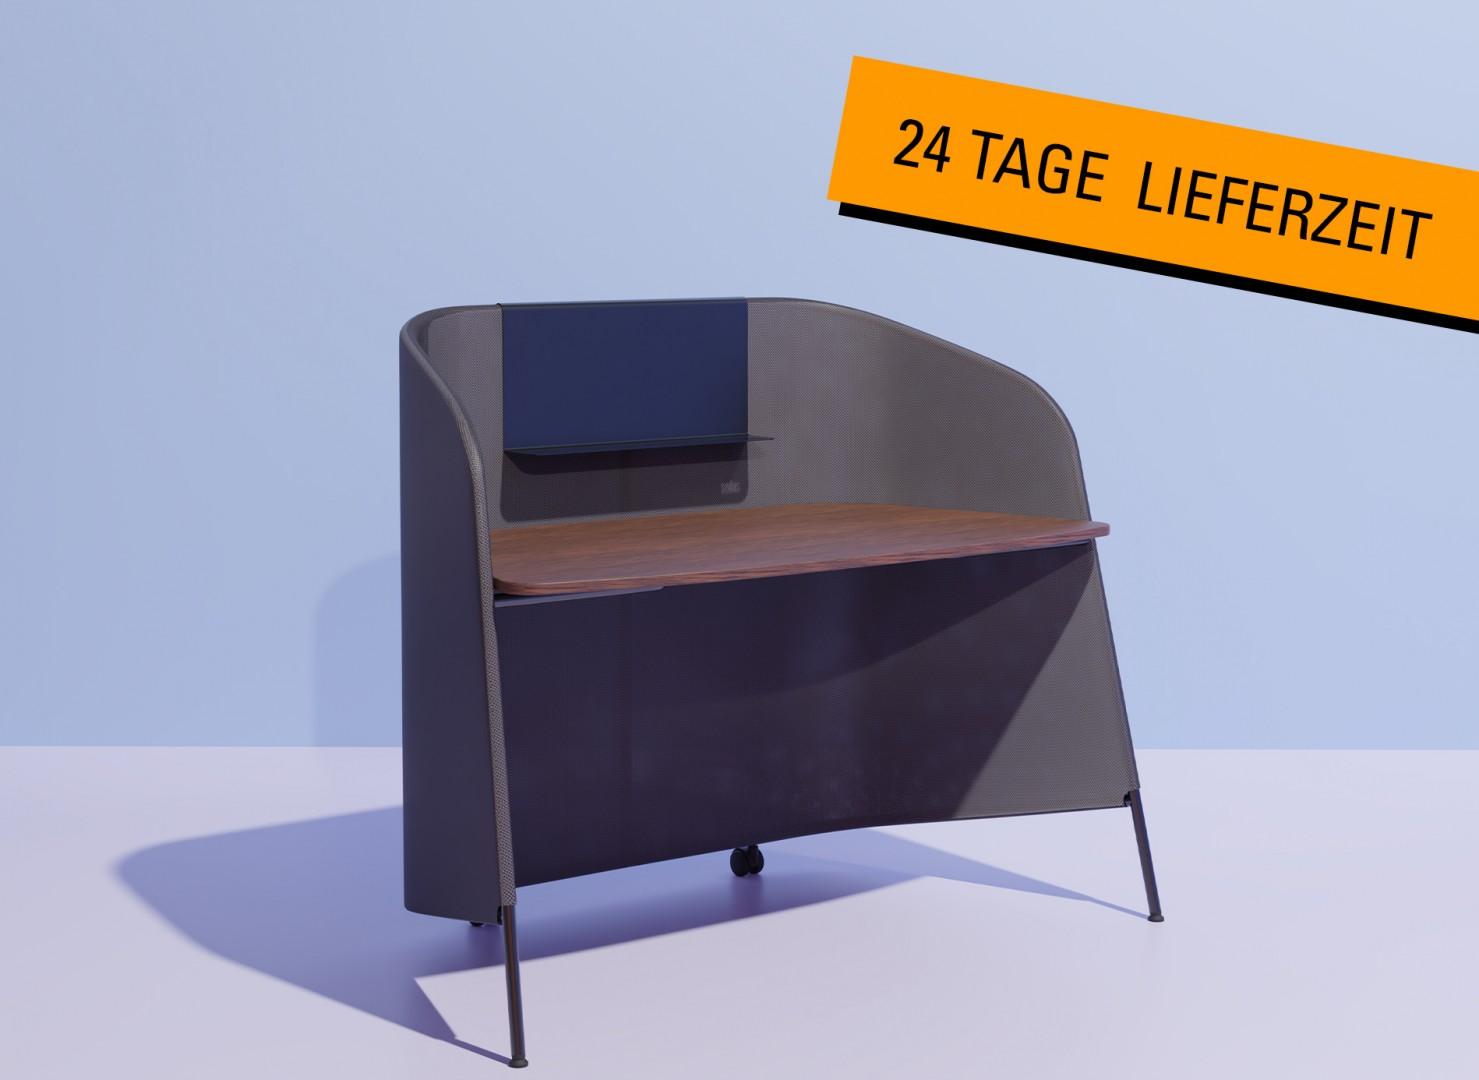 blaha secretair si 304 office tisch slider 4 2